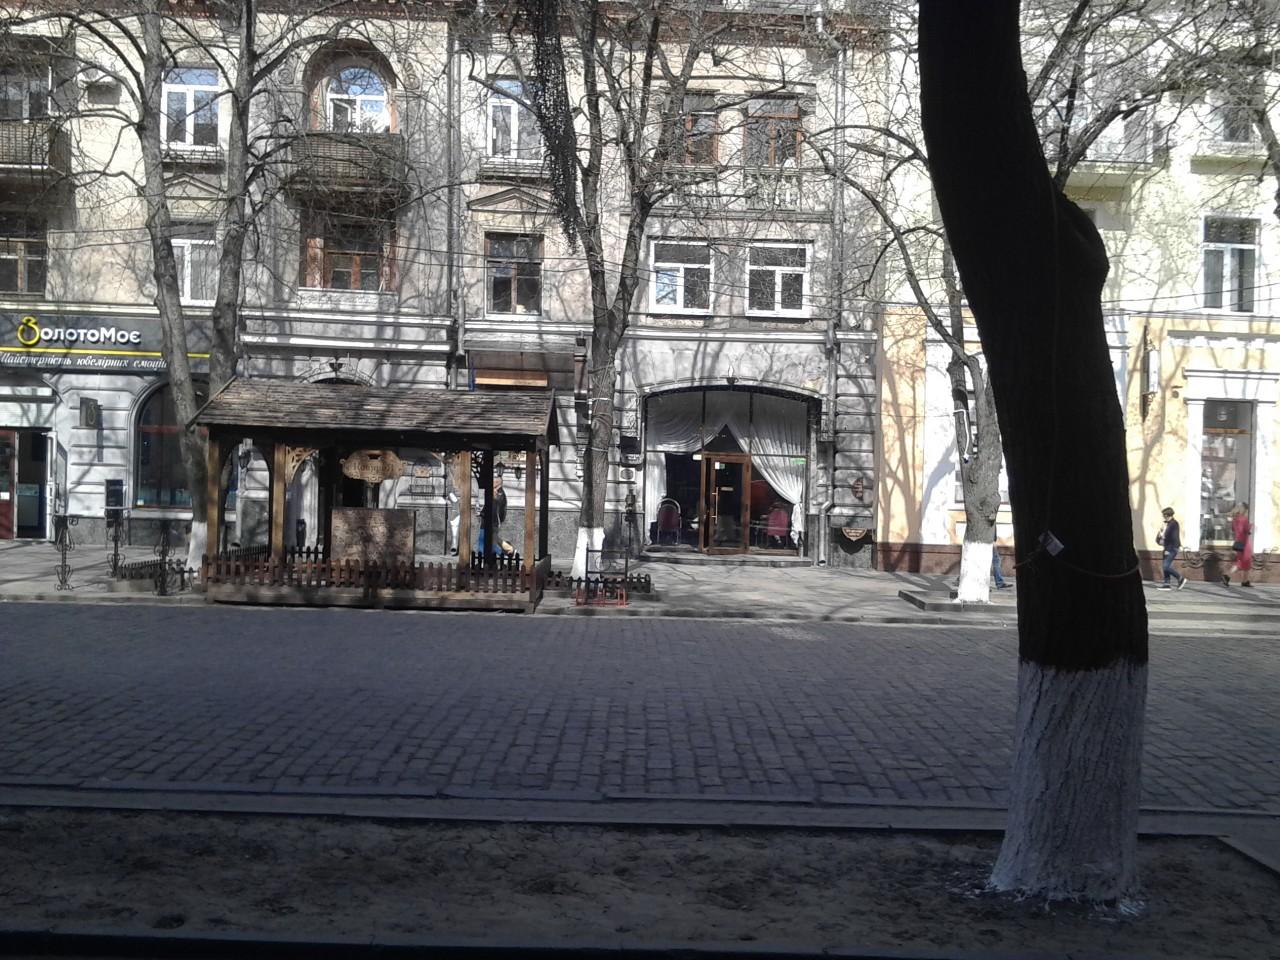 """""""Львівська кав""""ярня"""", яка також займає частину уже заскленої колишньої арки..."""